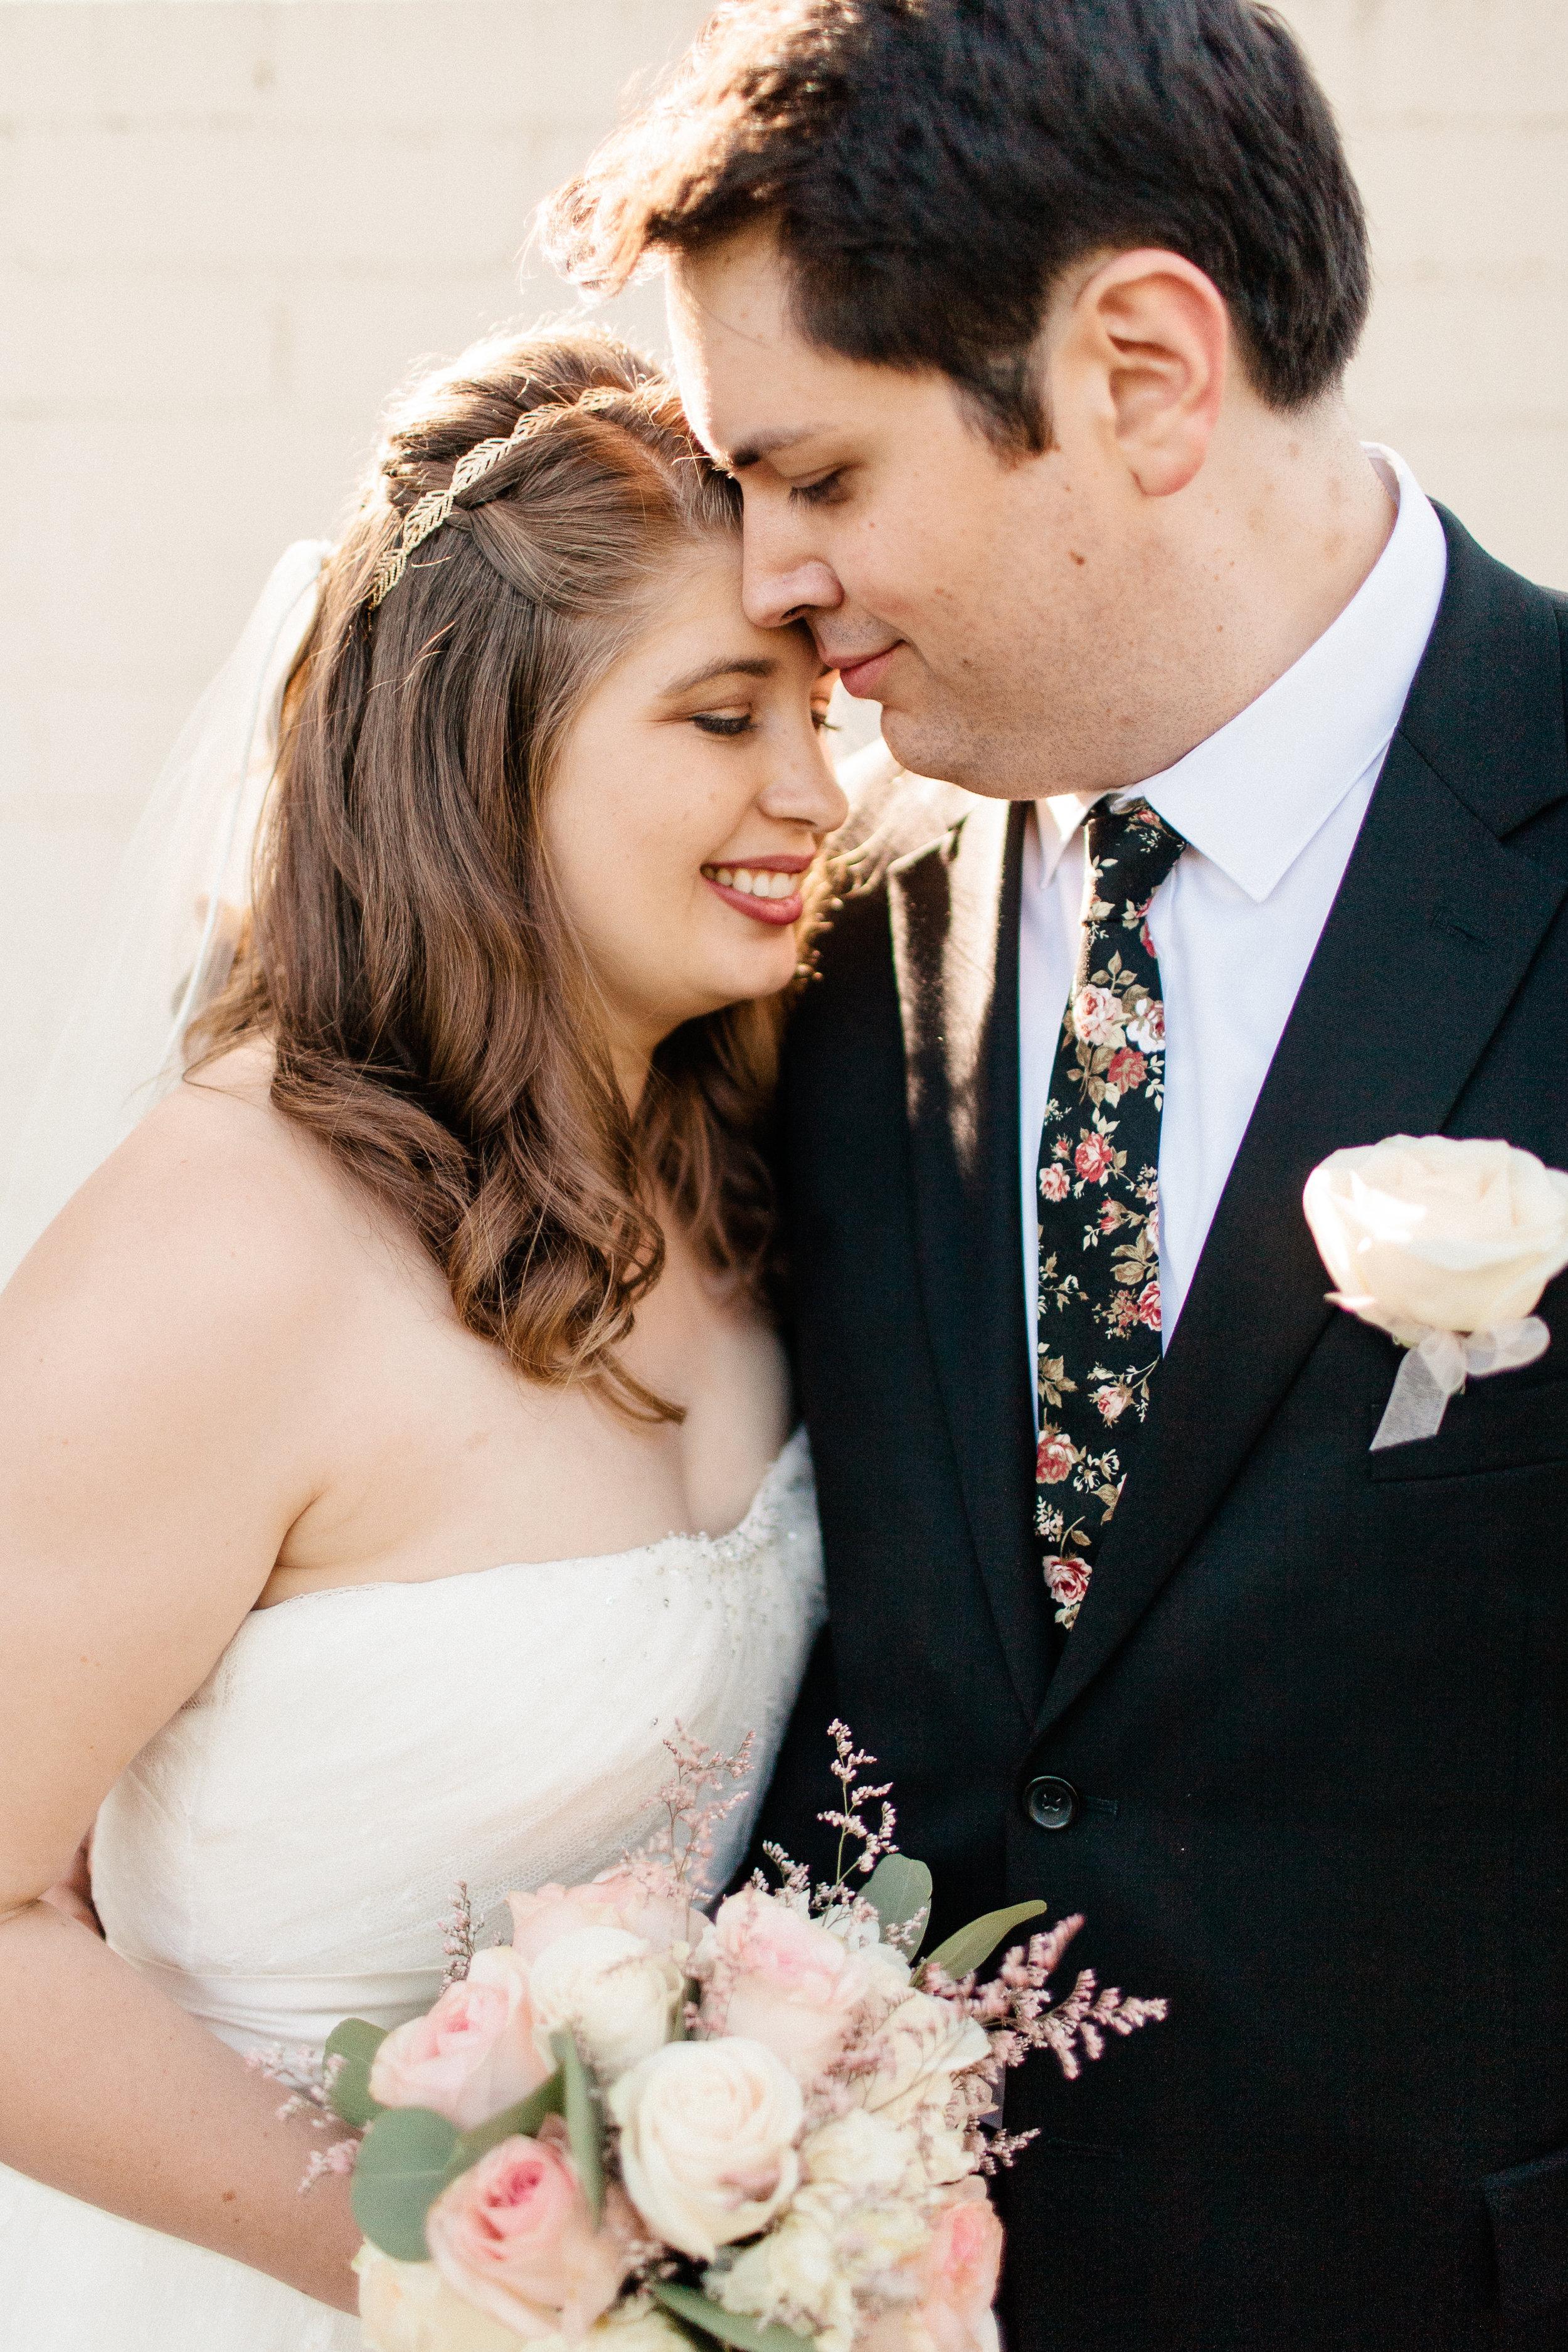 Erin & Paul Wedding 10.14.17-365.jpg